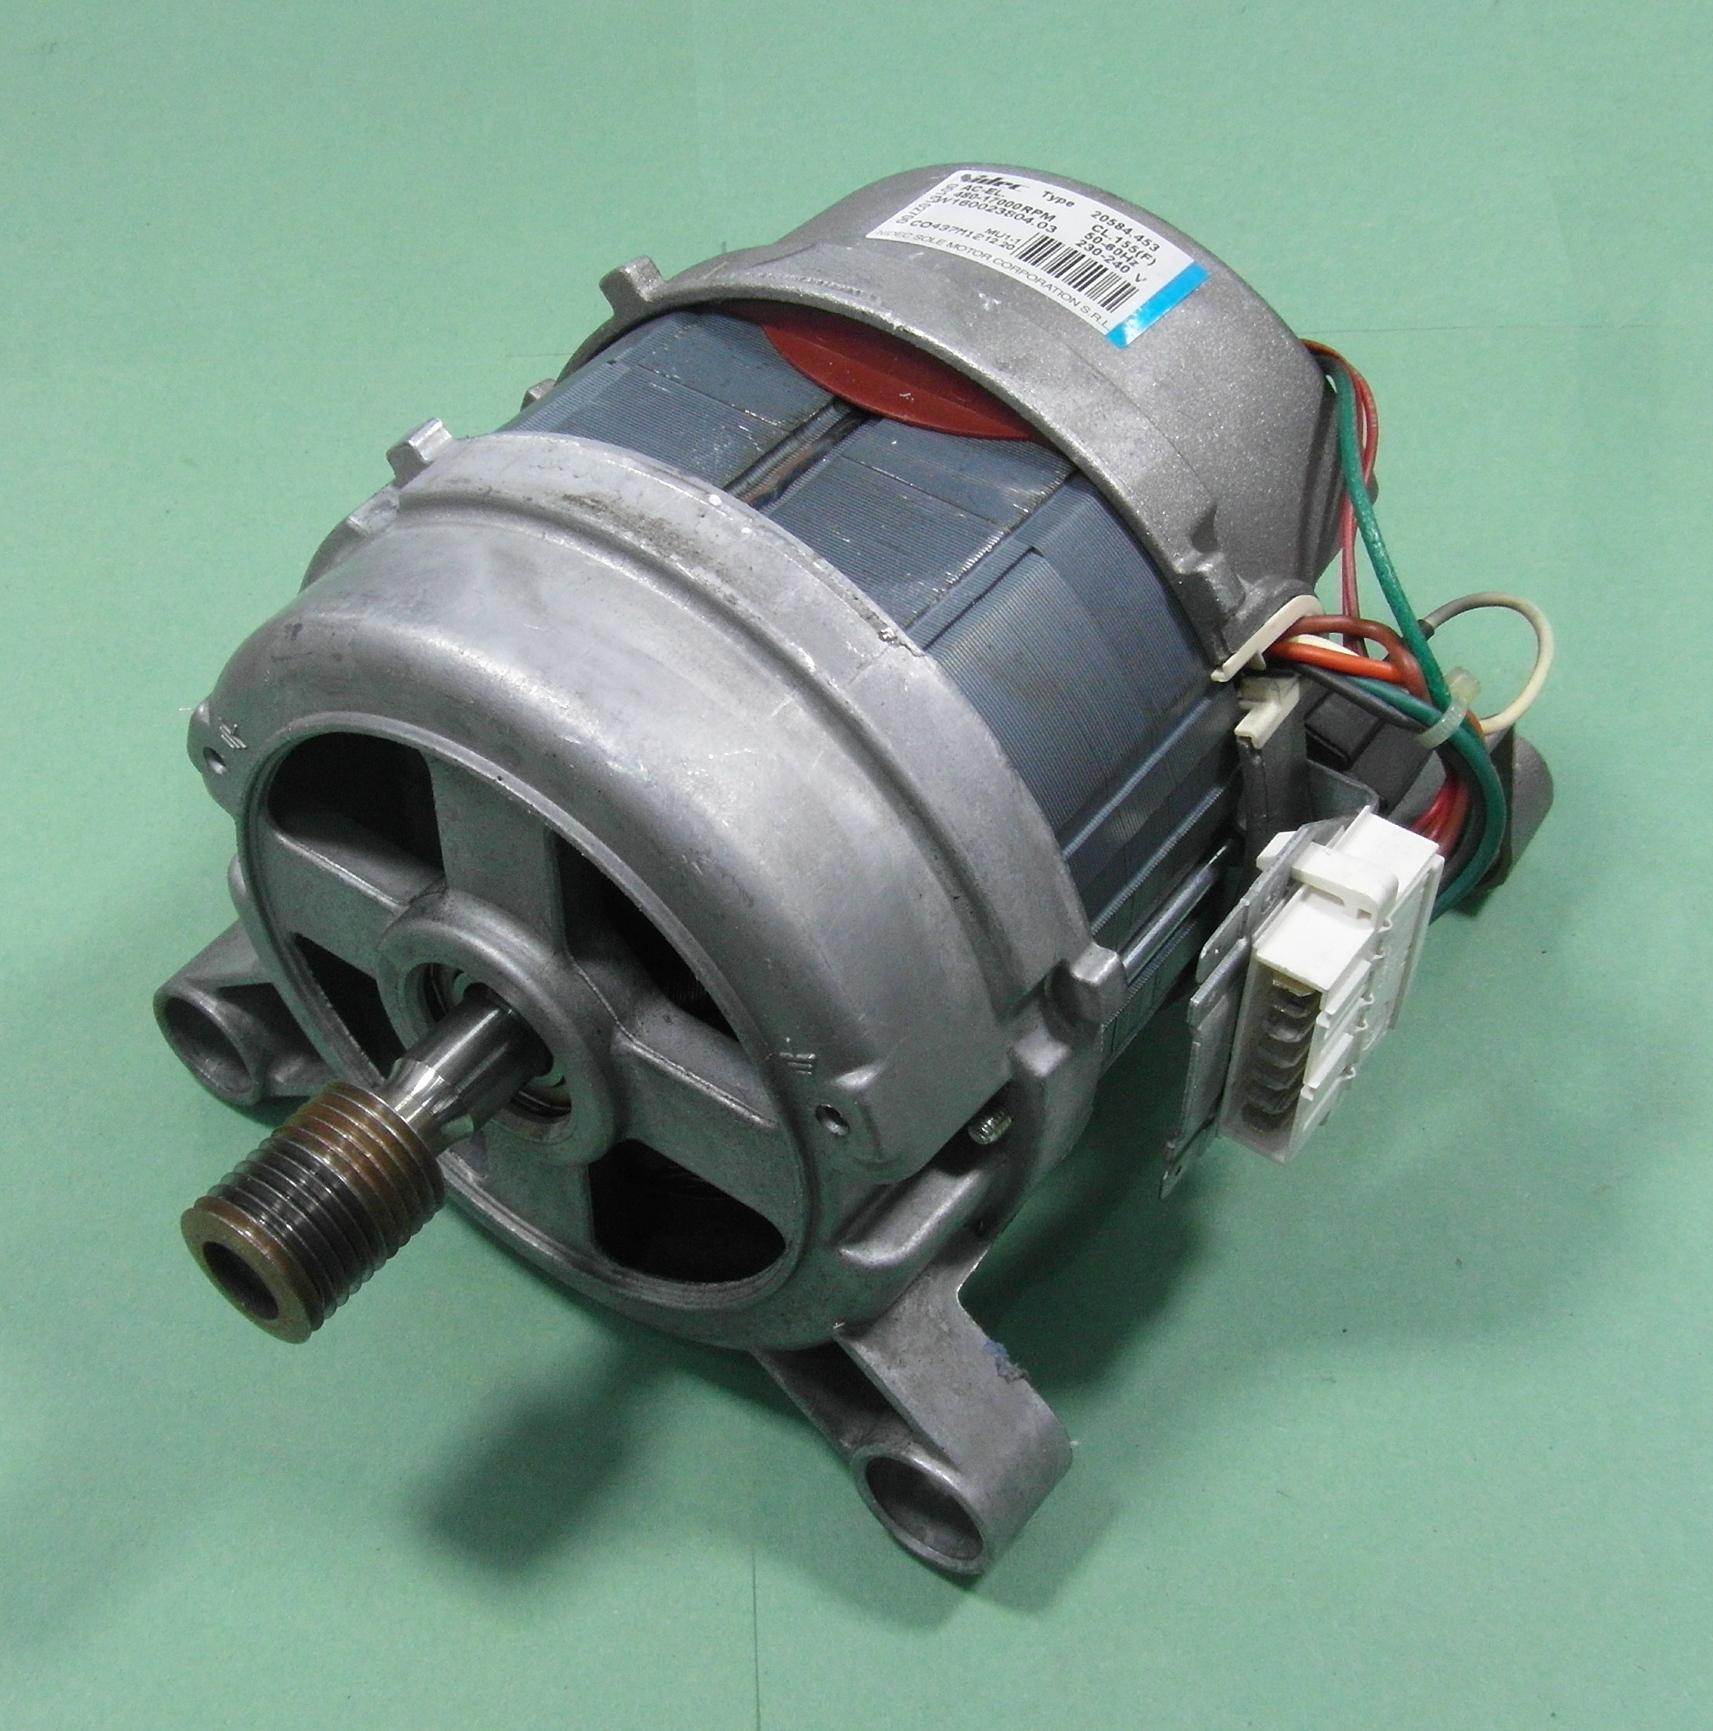 Hotpoint Wdl540g Uk C Washer Dryer Motor Nidec